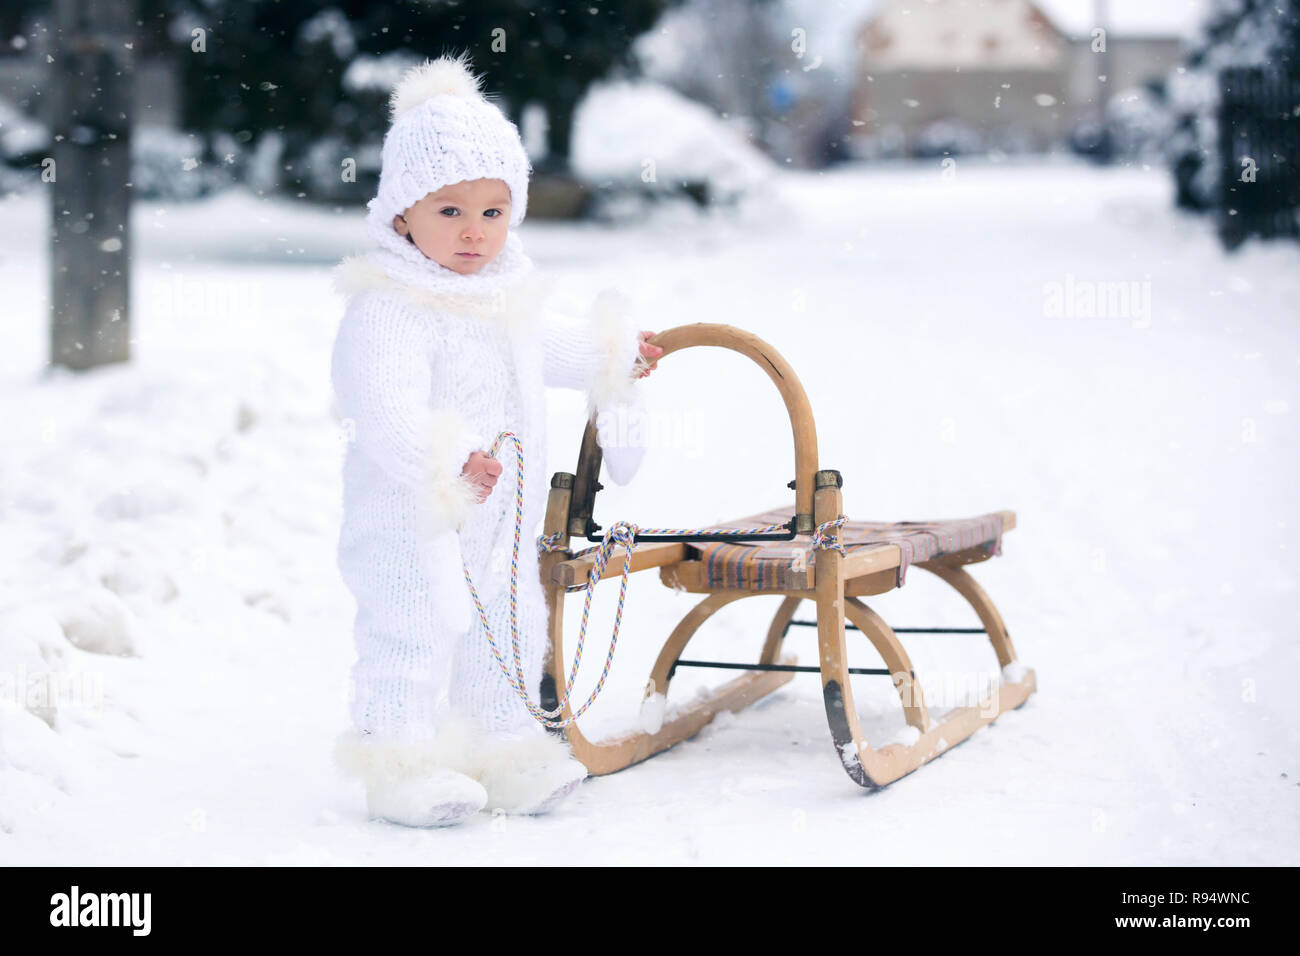 93b4f5534 Cute little toddler boy